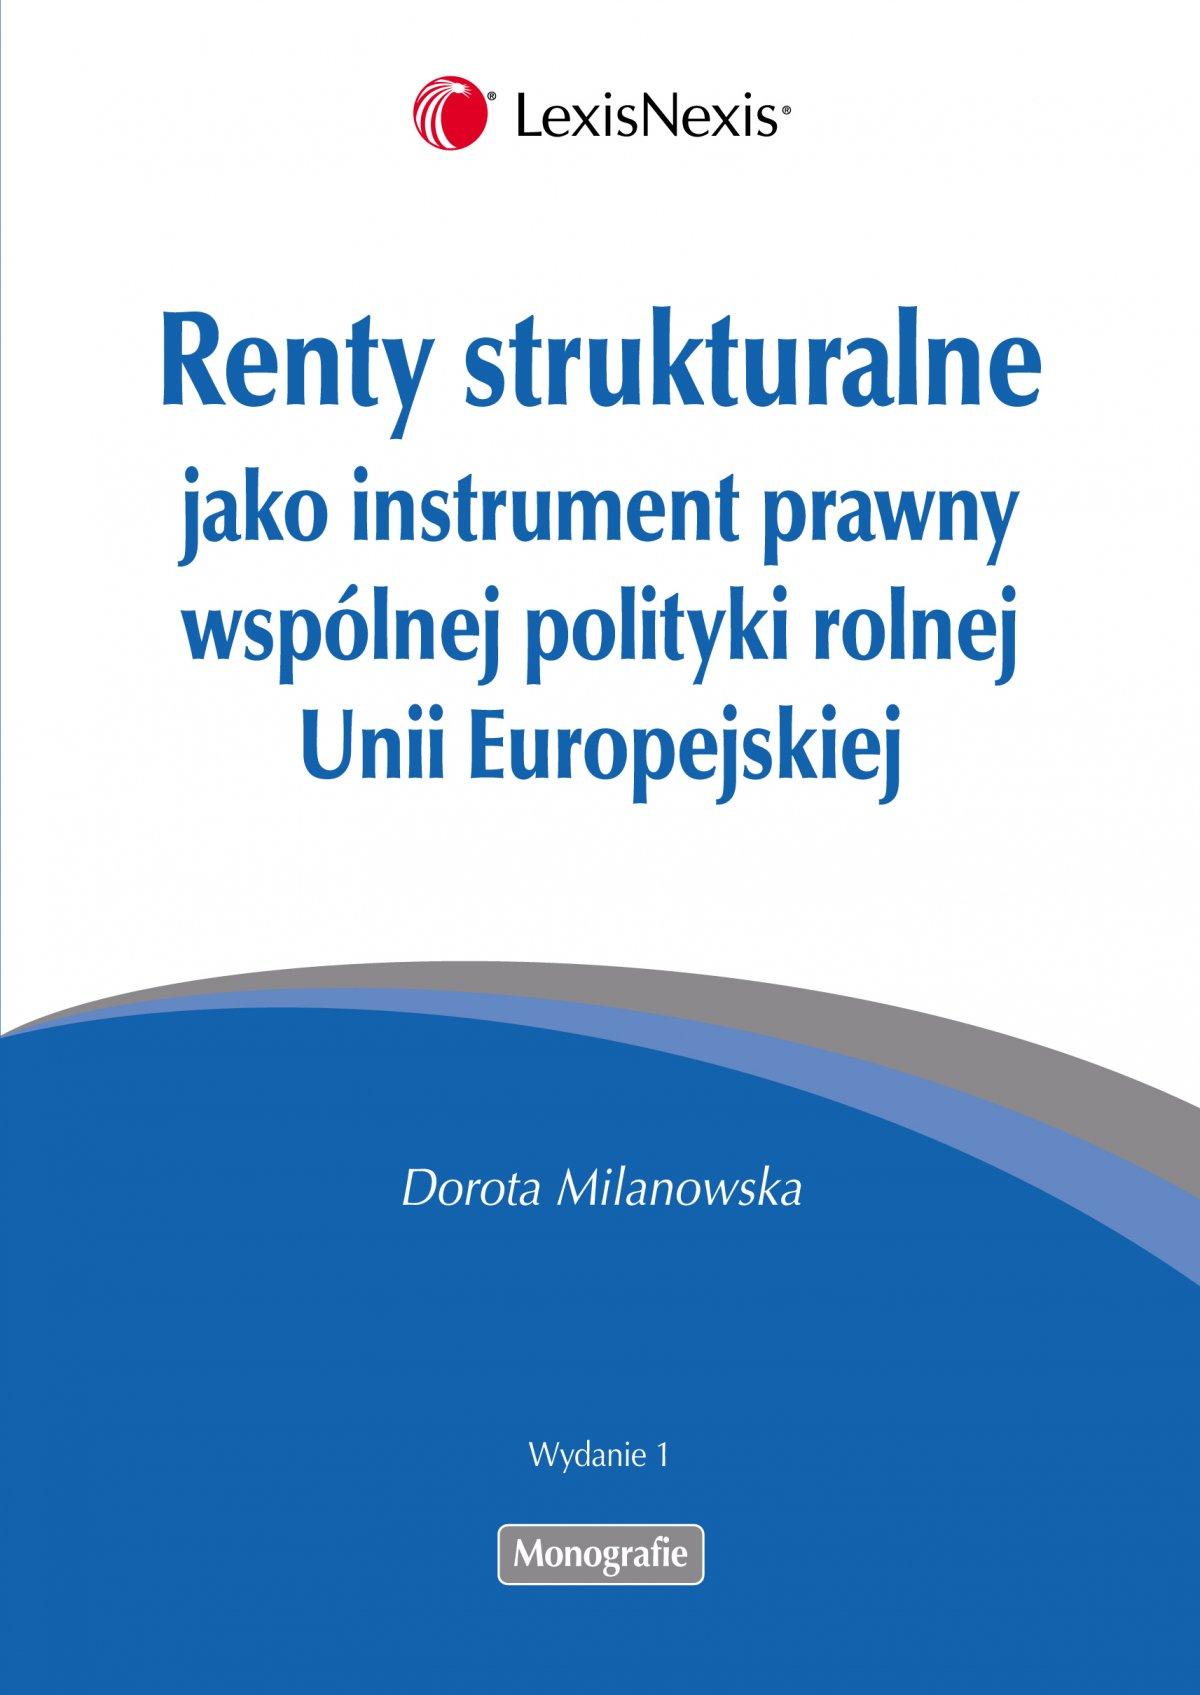 Renty strukturalne jako instrument prawny polityki rolnej Unii Europejskiej - Ebook (Książka EPUB) do pobrania w formacie EPUB